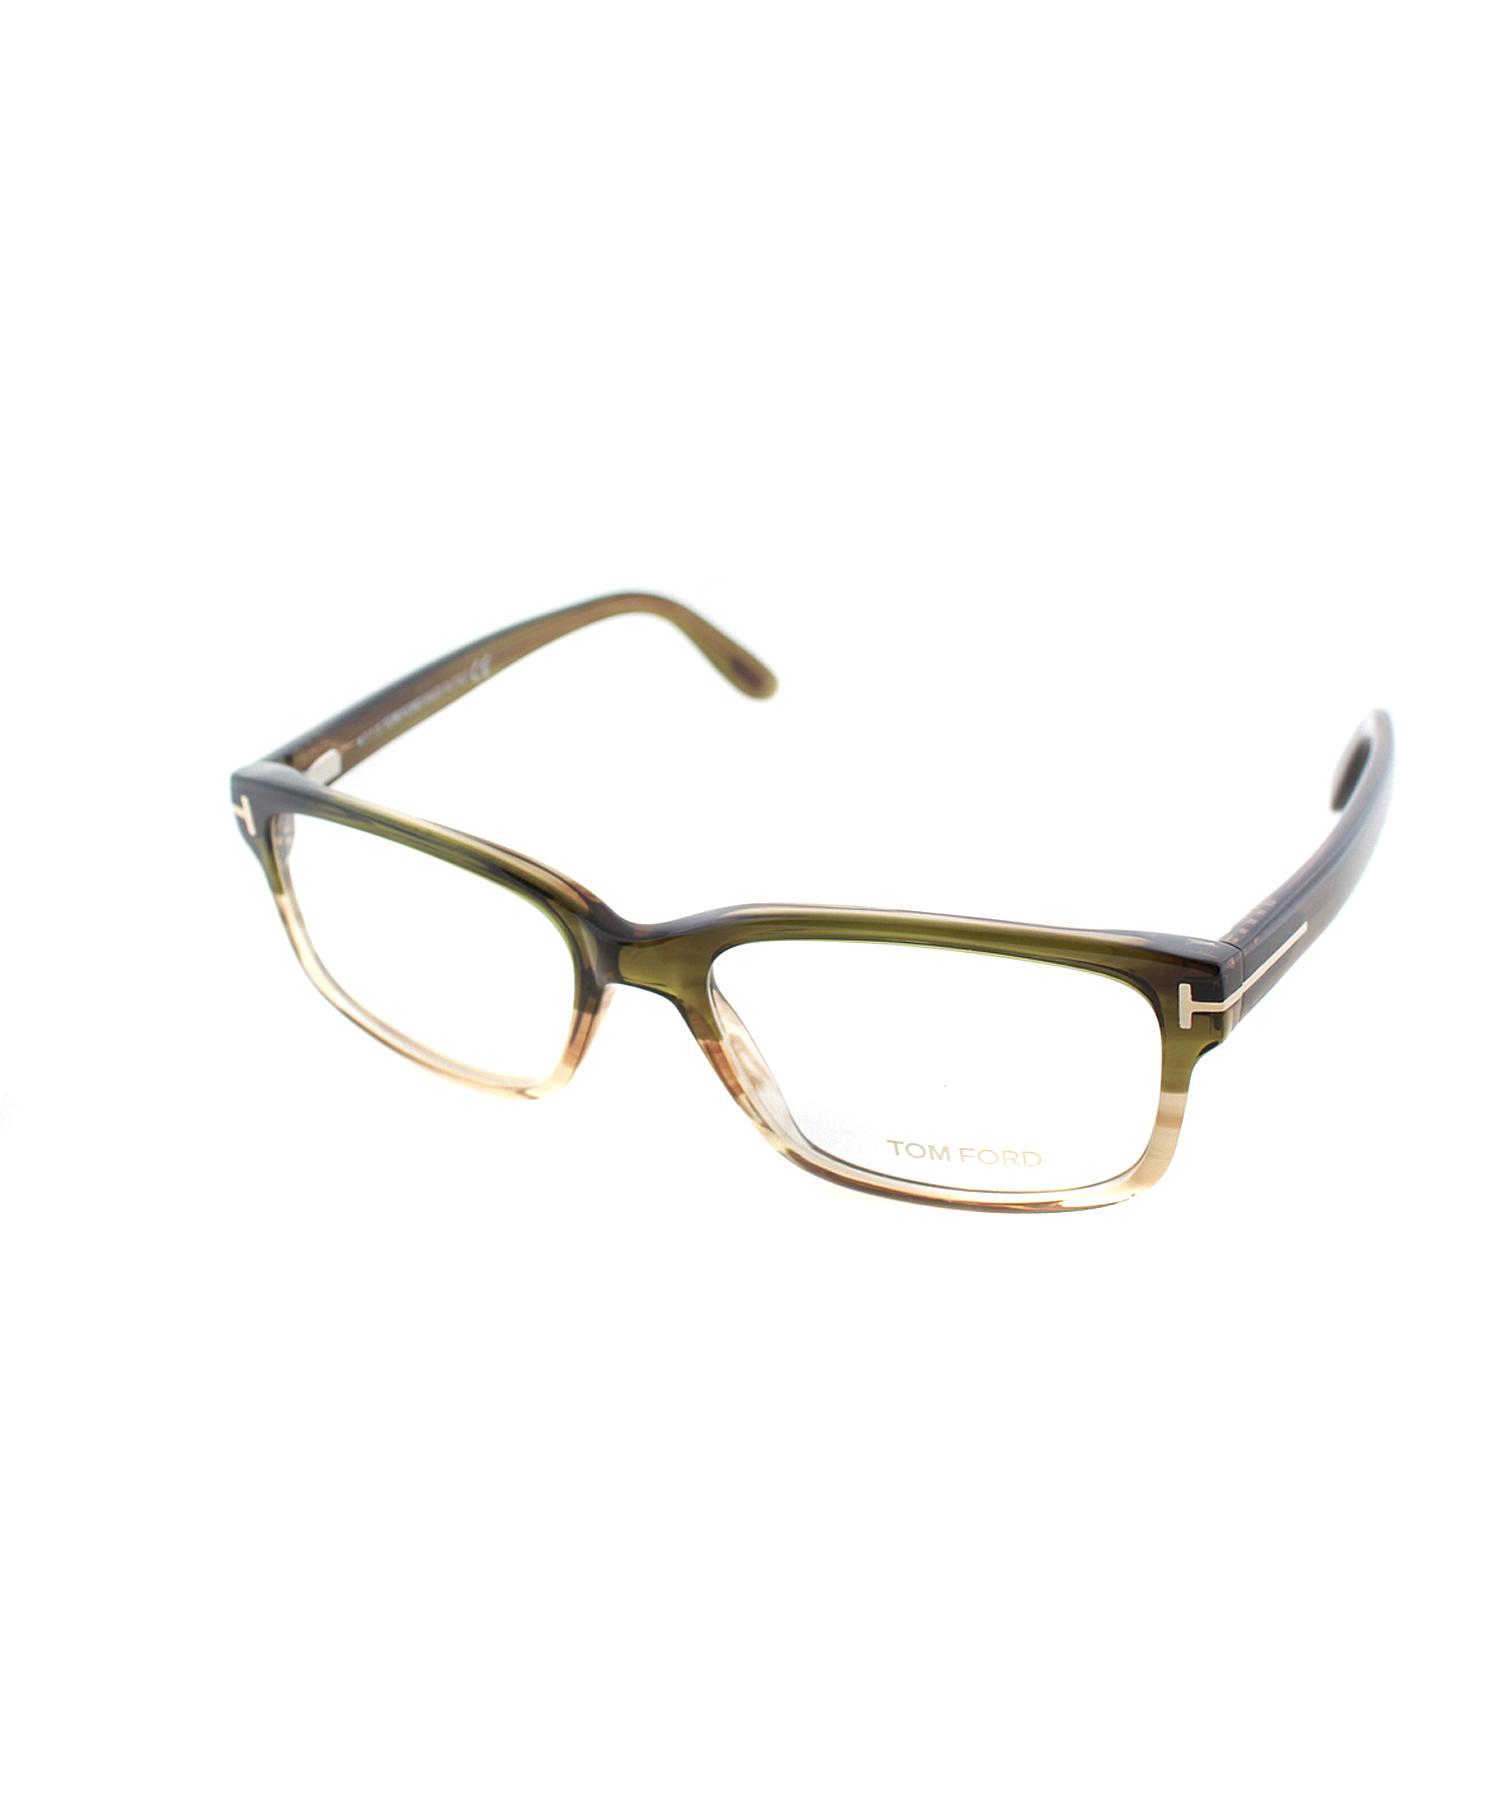 Green Eyeglass Frames Plastic : Tom ford Rectangle Plastic Eyeglasses in Green Lyst